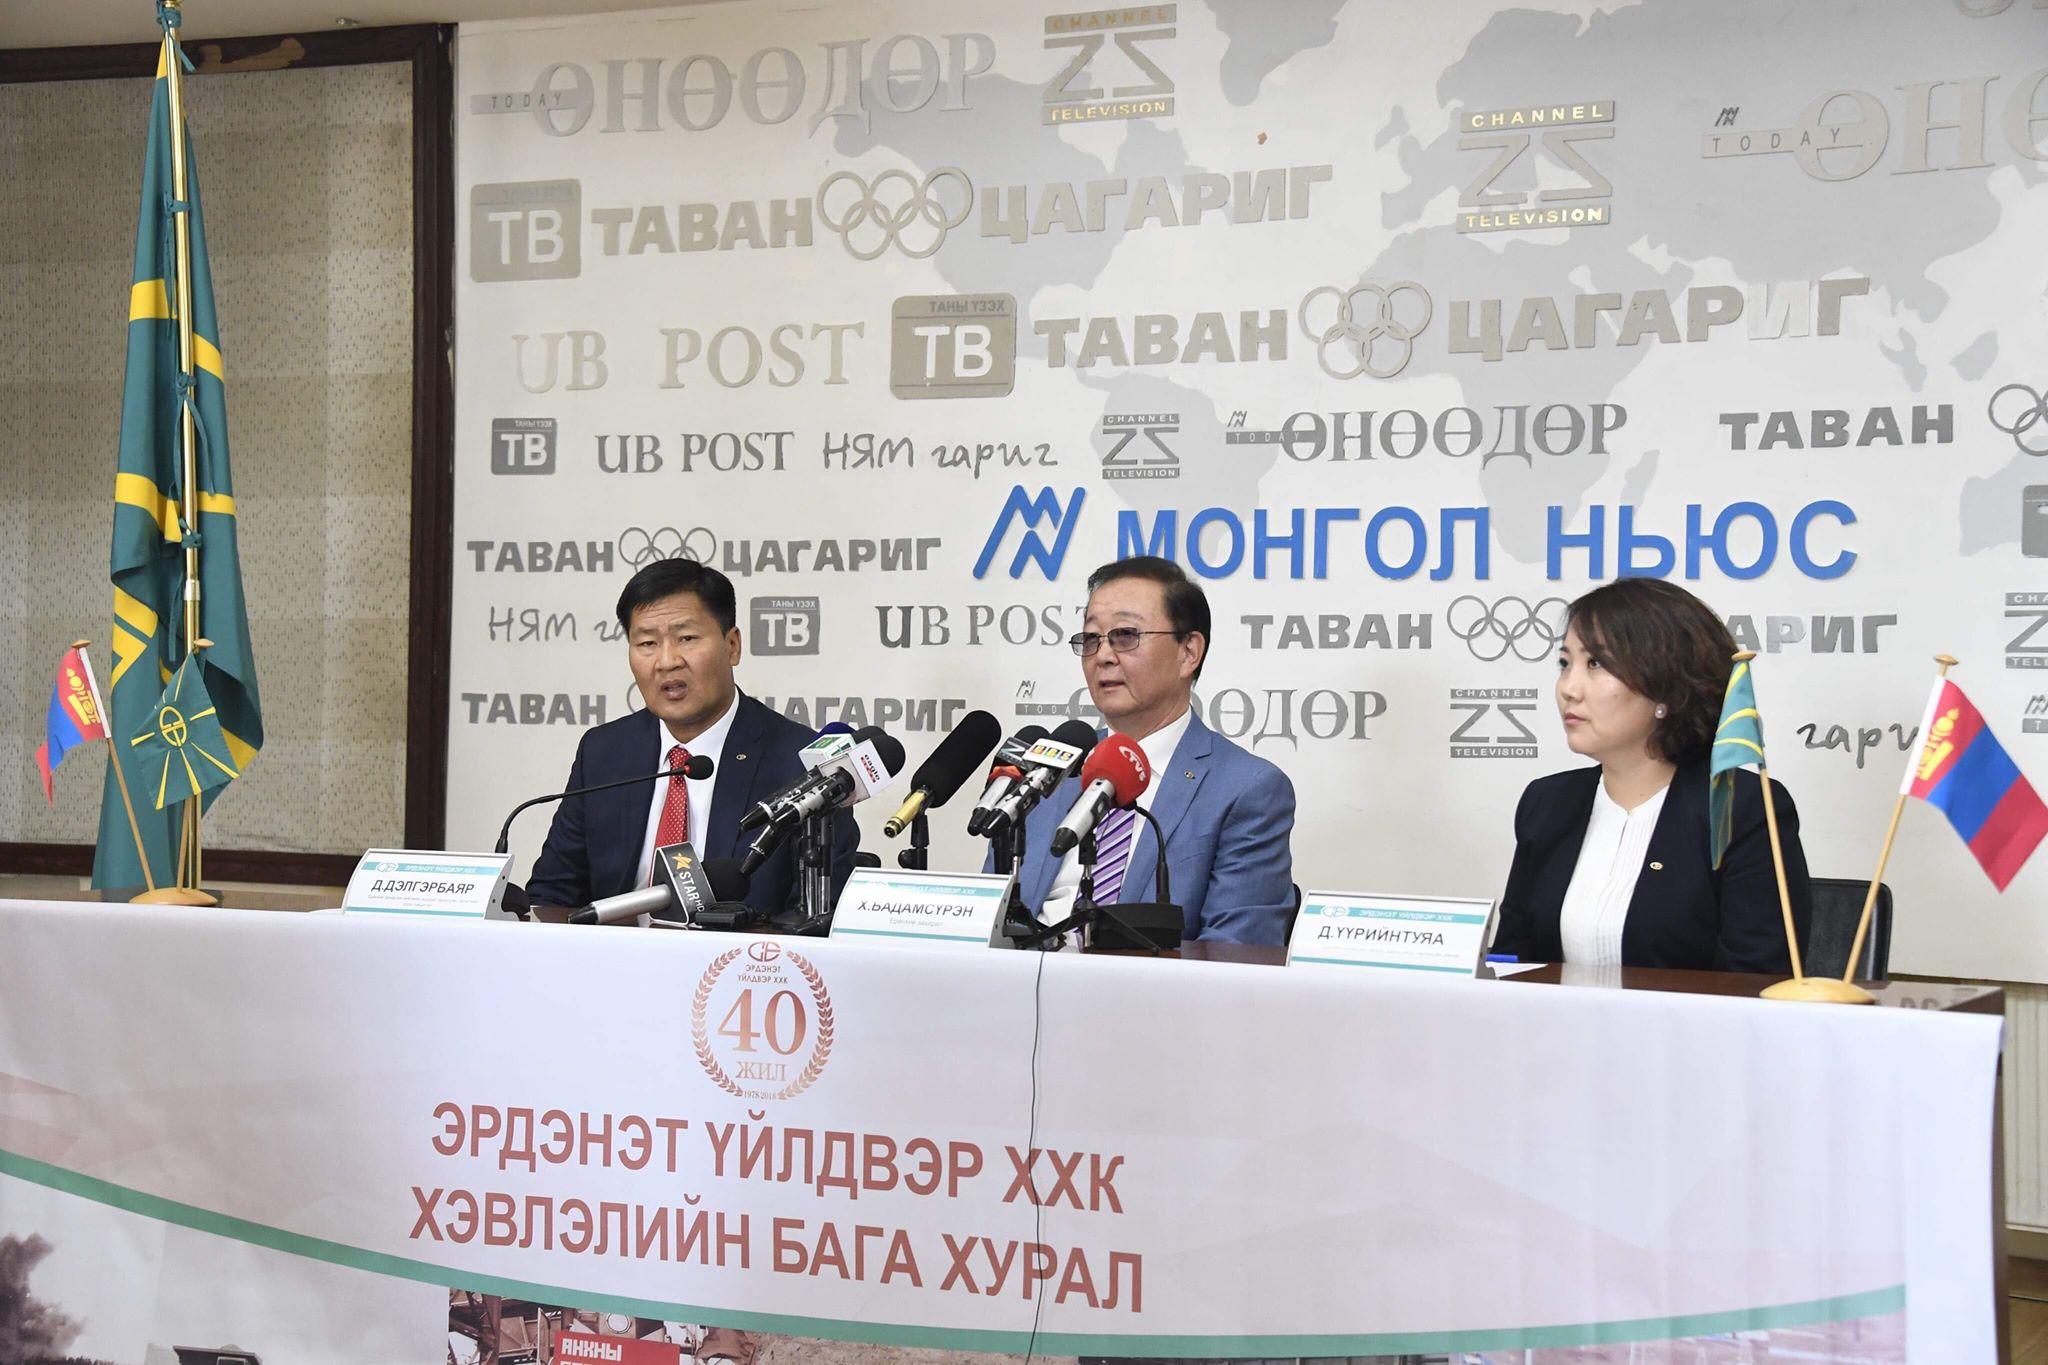 Эрдэнэт-үйлдвэр-2 Эрдэнэт үйлдвэрийн соёлын өдрүүд Улаанбаатар хотноо болж байна